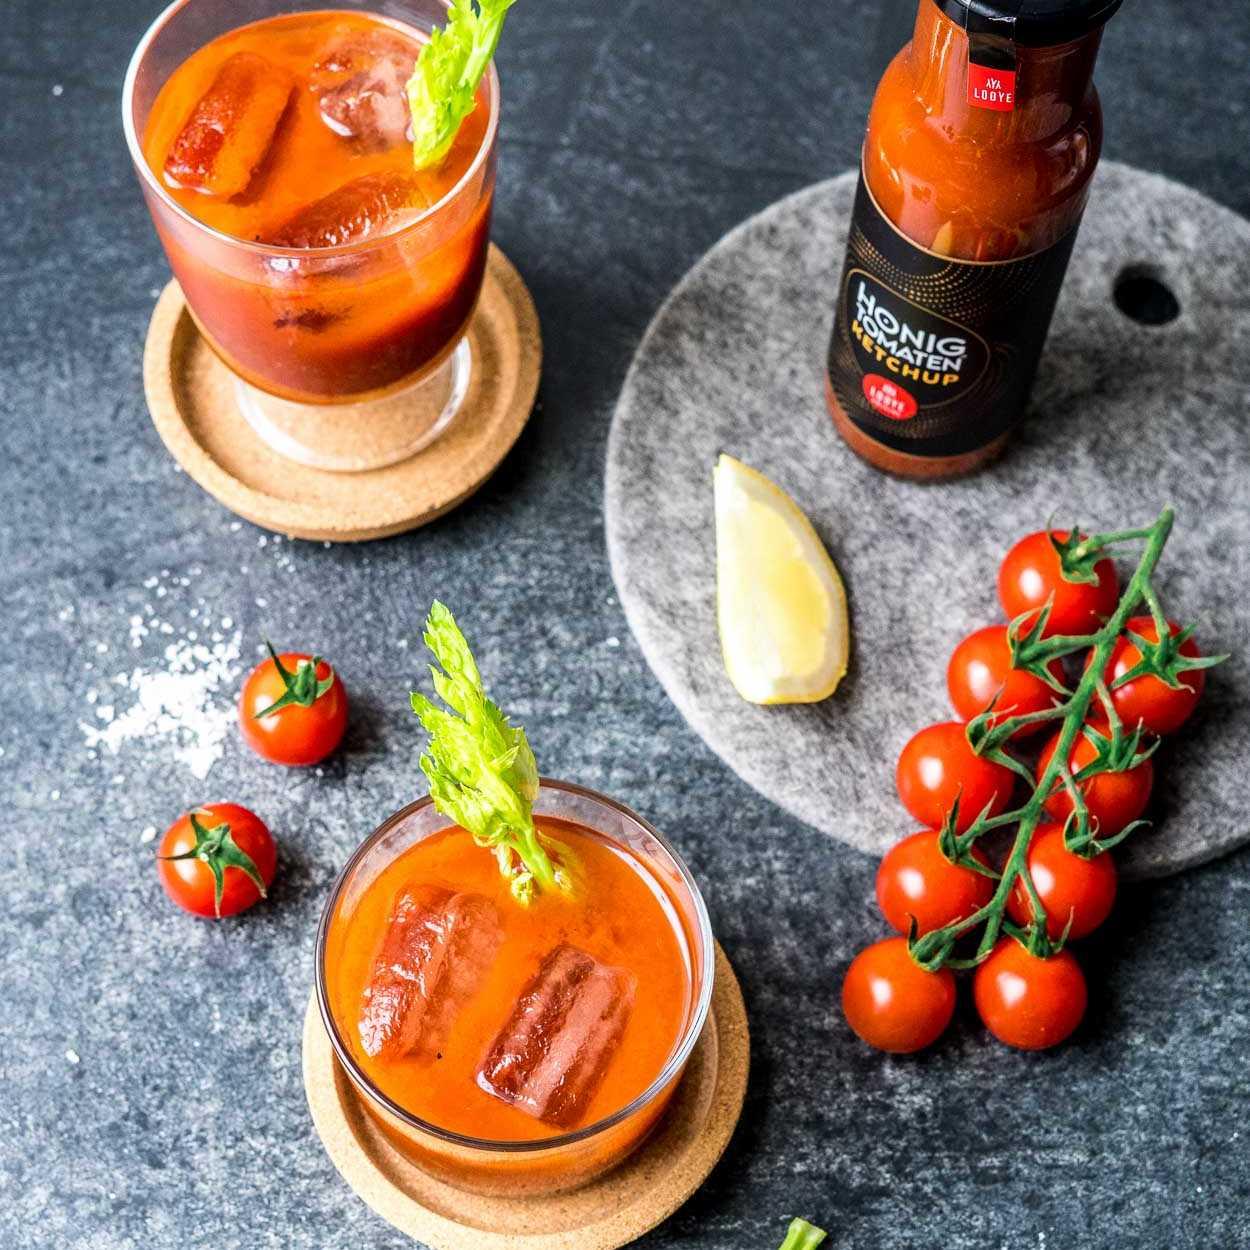 Köstliche Bloody Sangrita Mary mit Tomatenketchup auch als alkoholfreier Cocktail Virgin Mary |FoxyFood.de